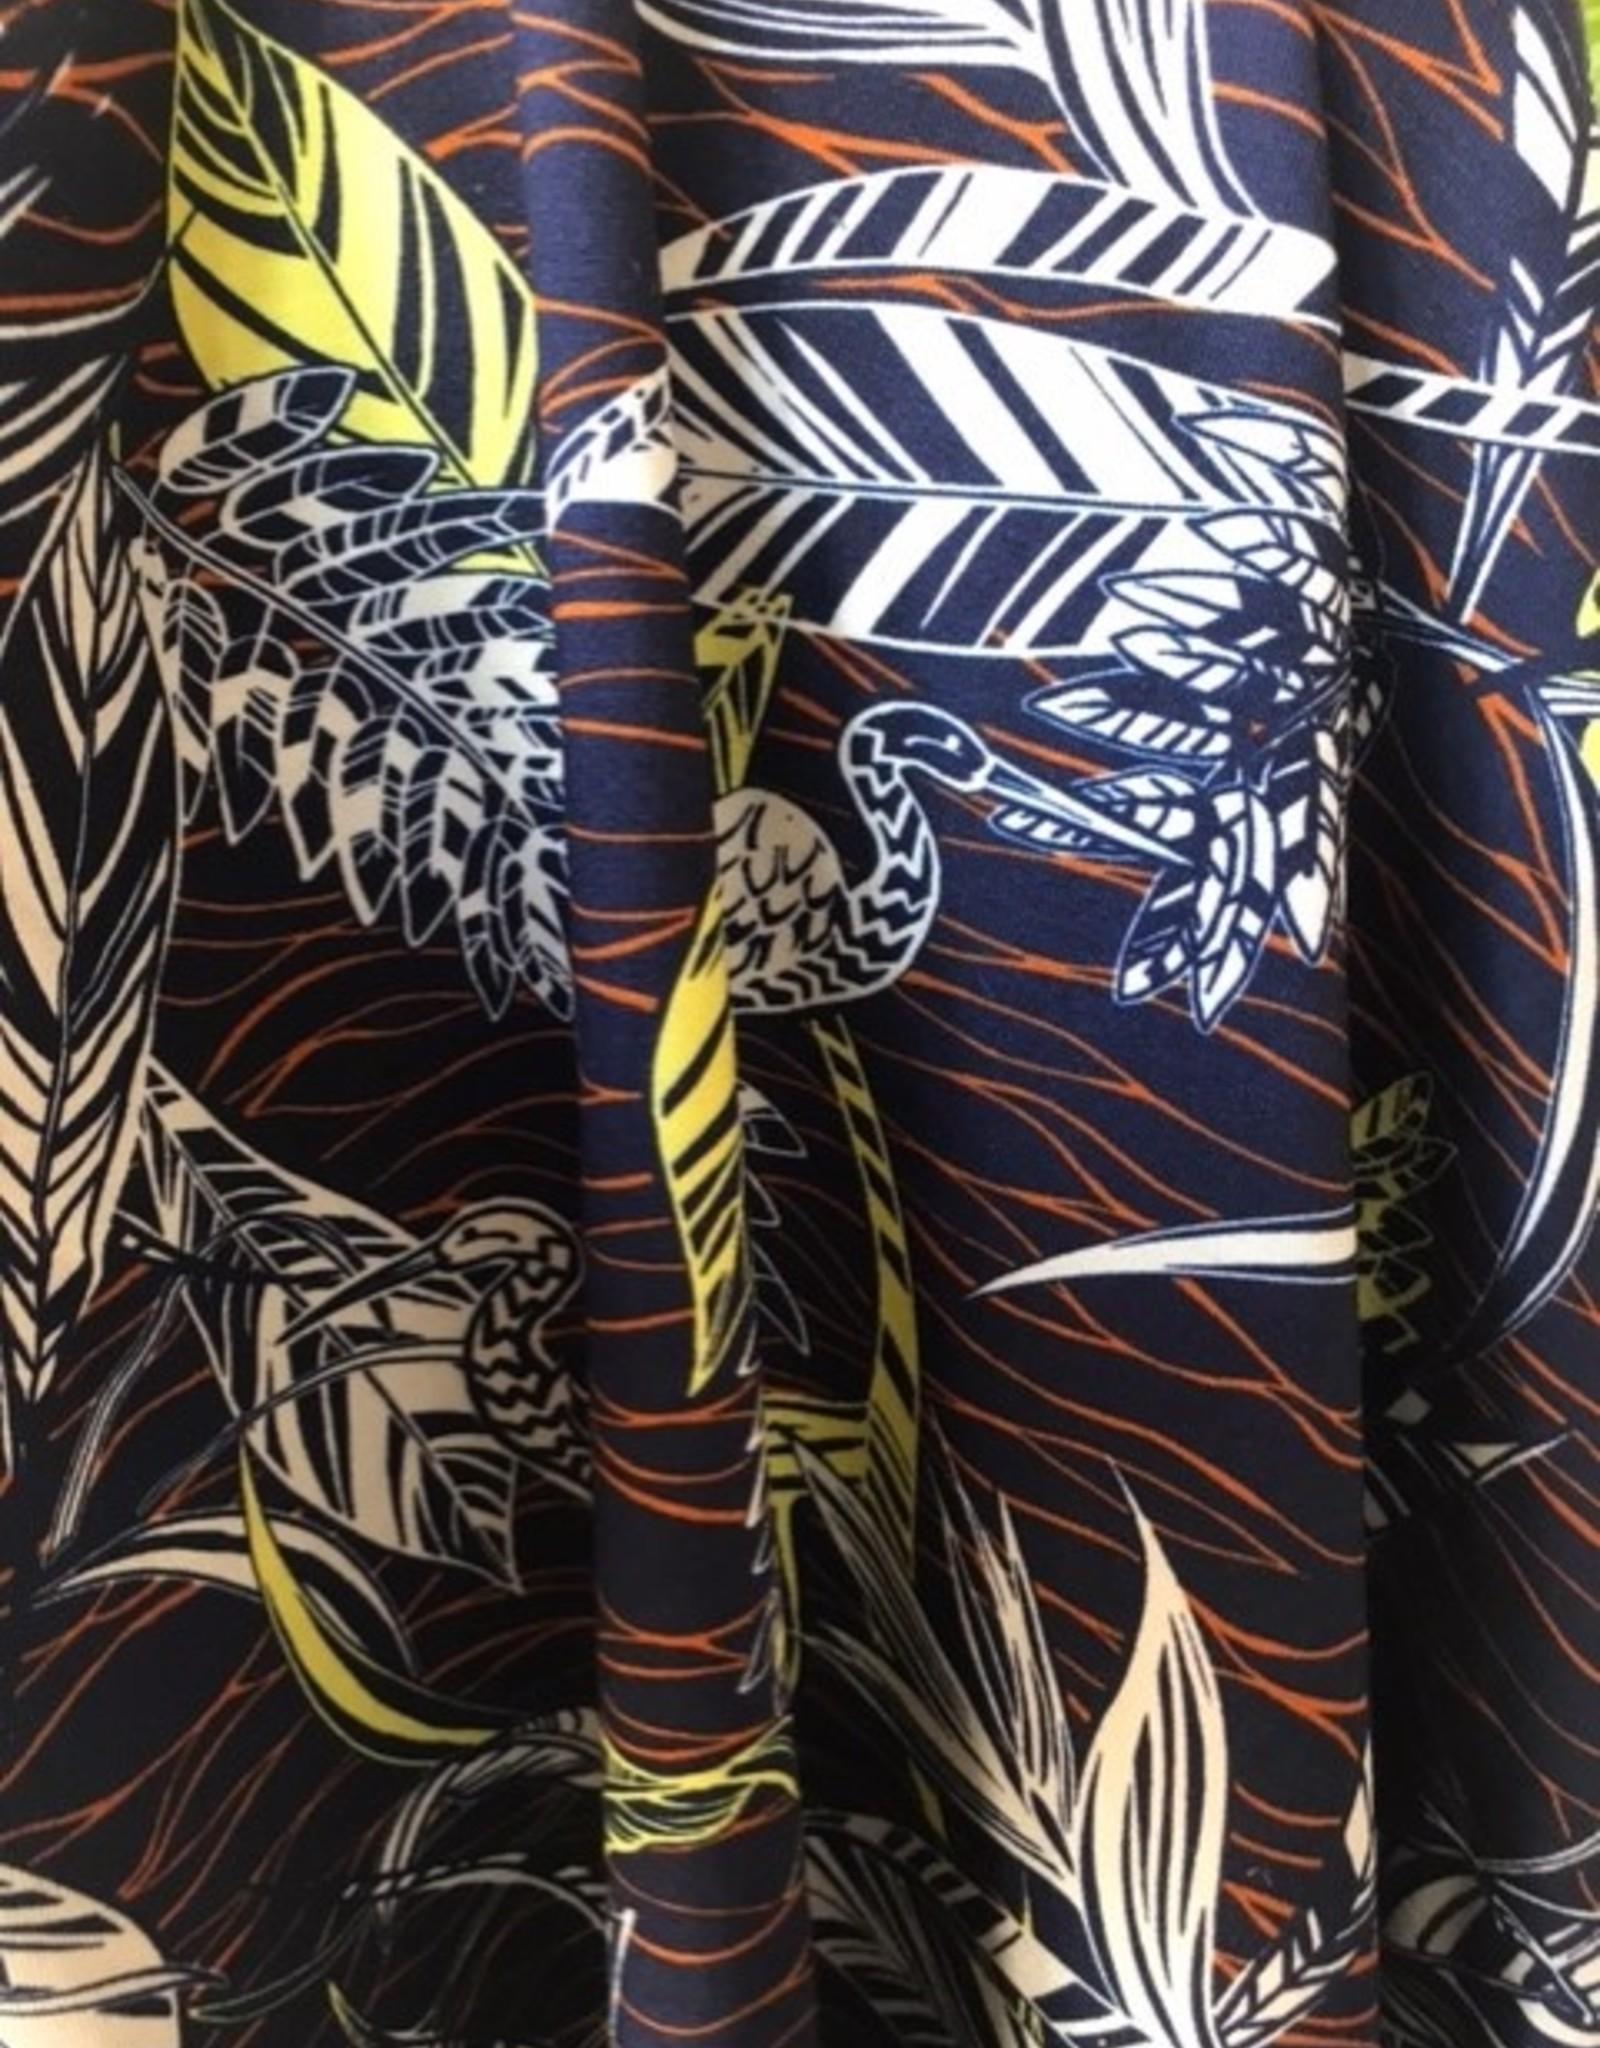 Viscosetricot navy tropical print met kraanvogels